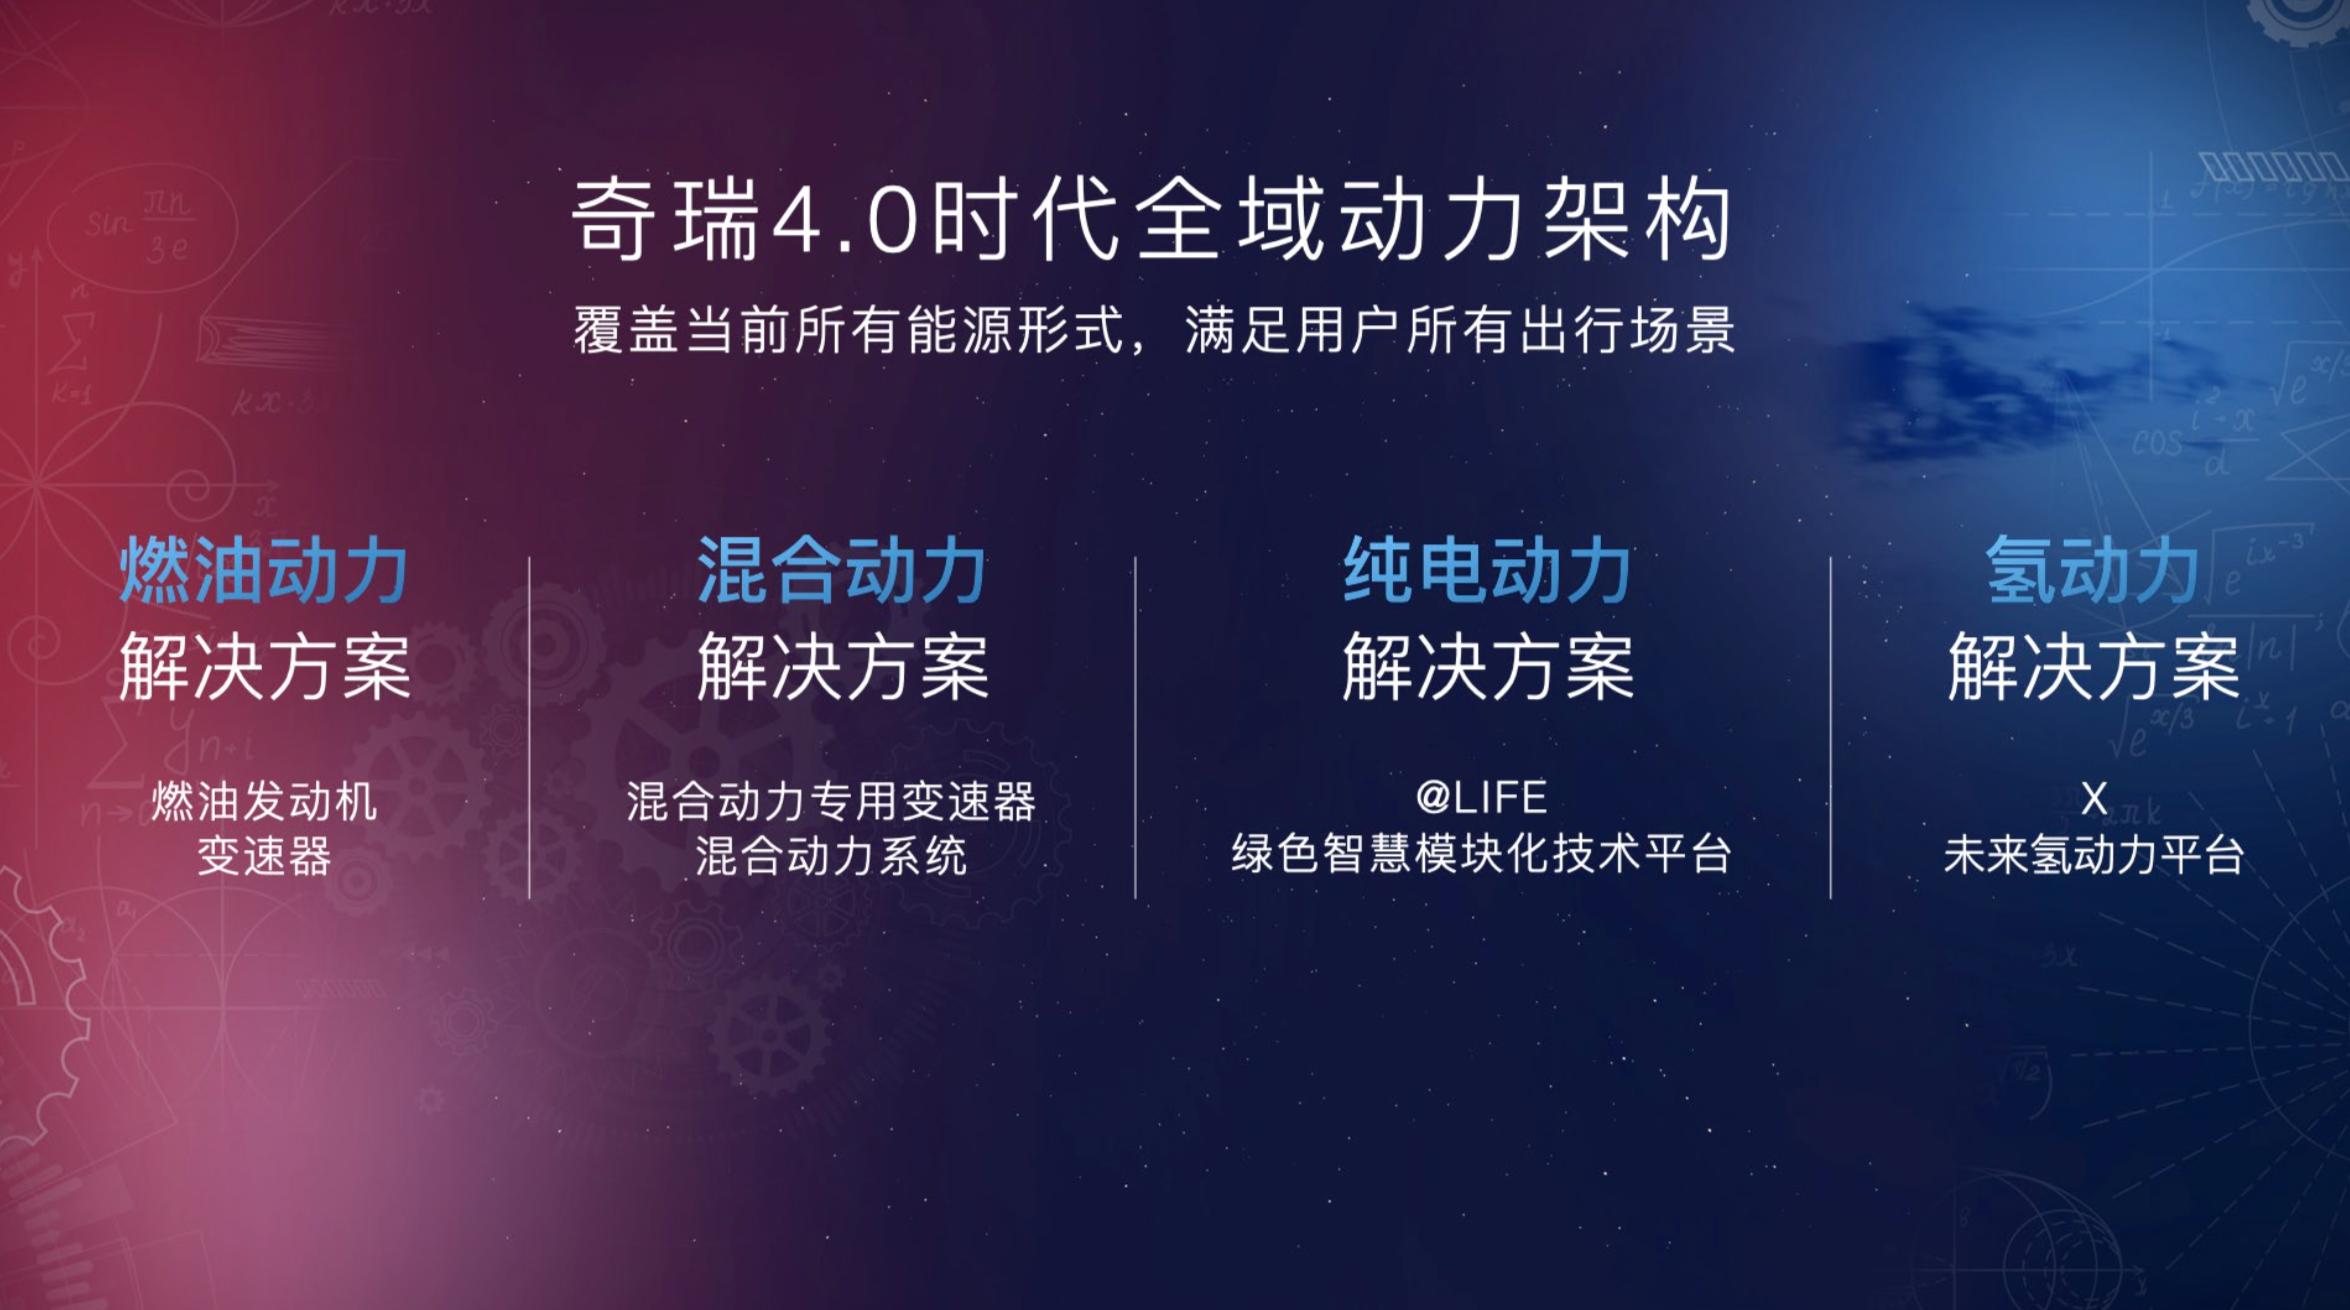 """技术竞争时代 奇瑞以""""鲲鹏之力""""强势赋能产品"""